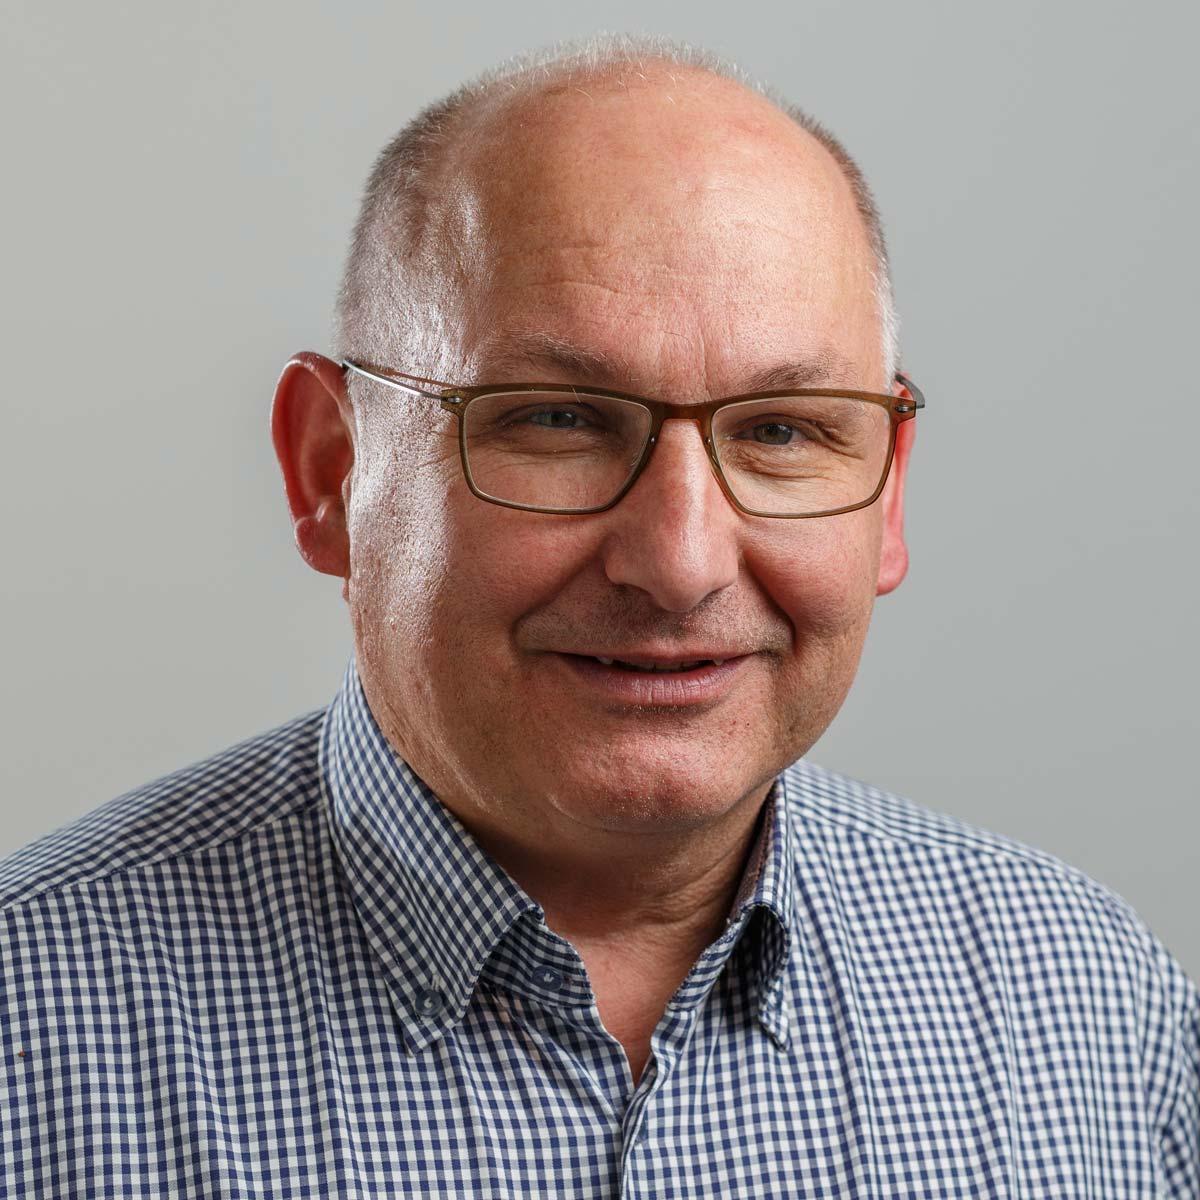 Kontakt: Ernst Dummer, Geschäftsführer